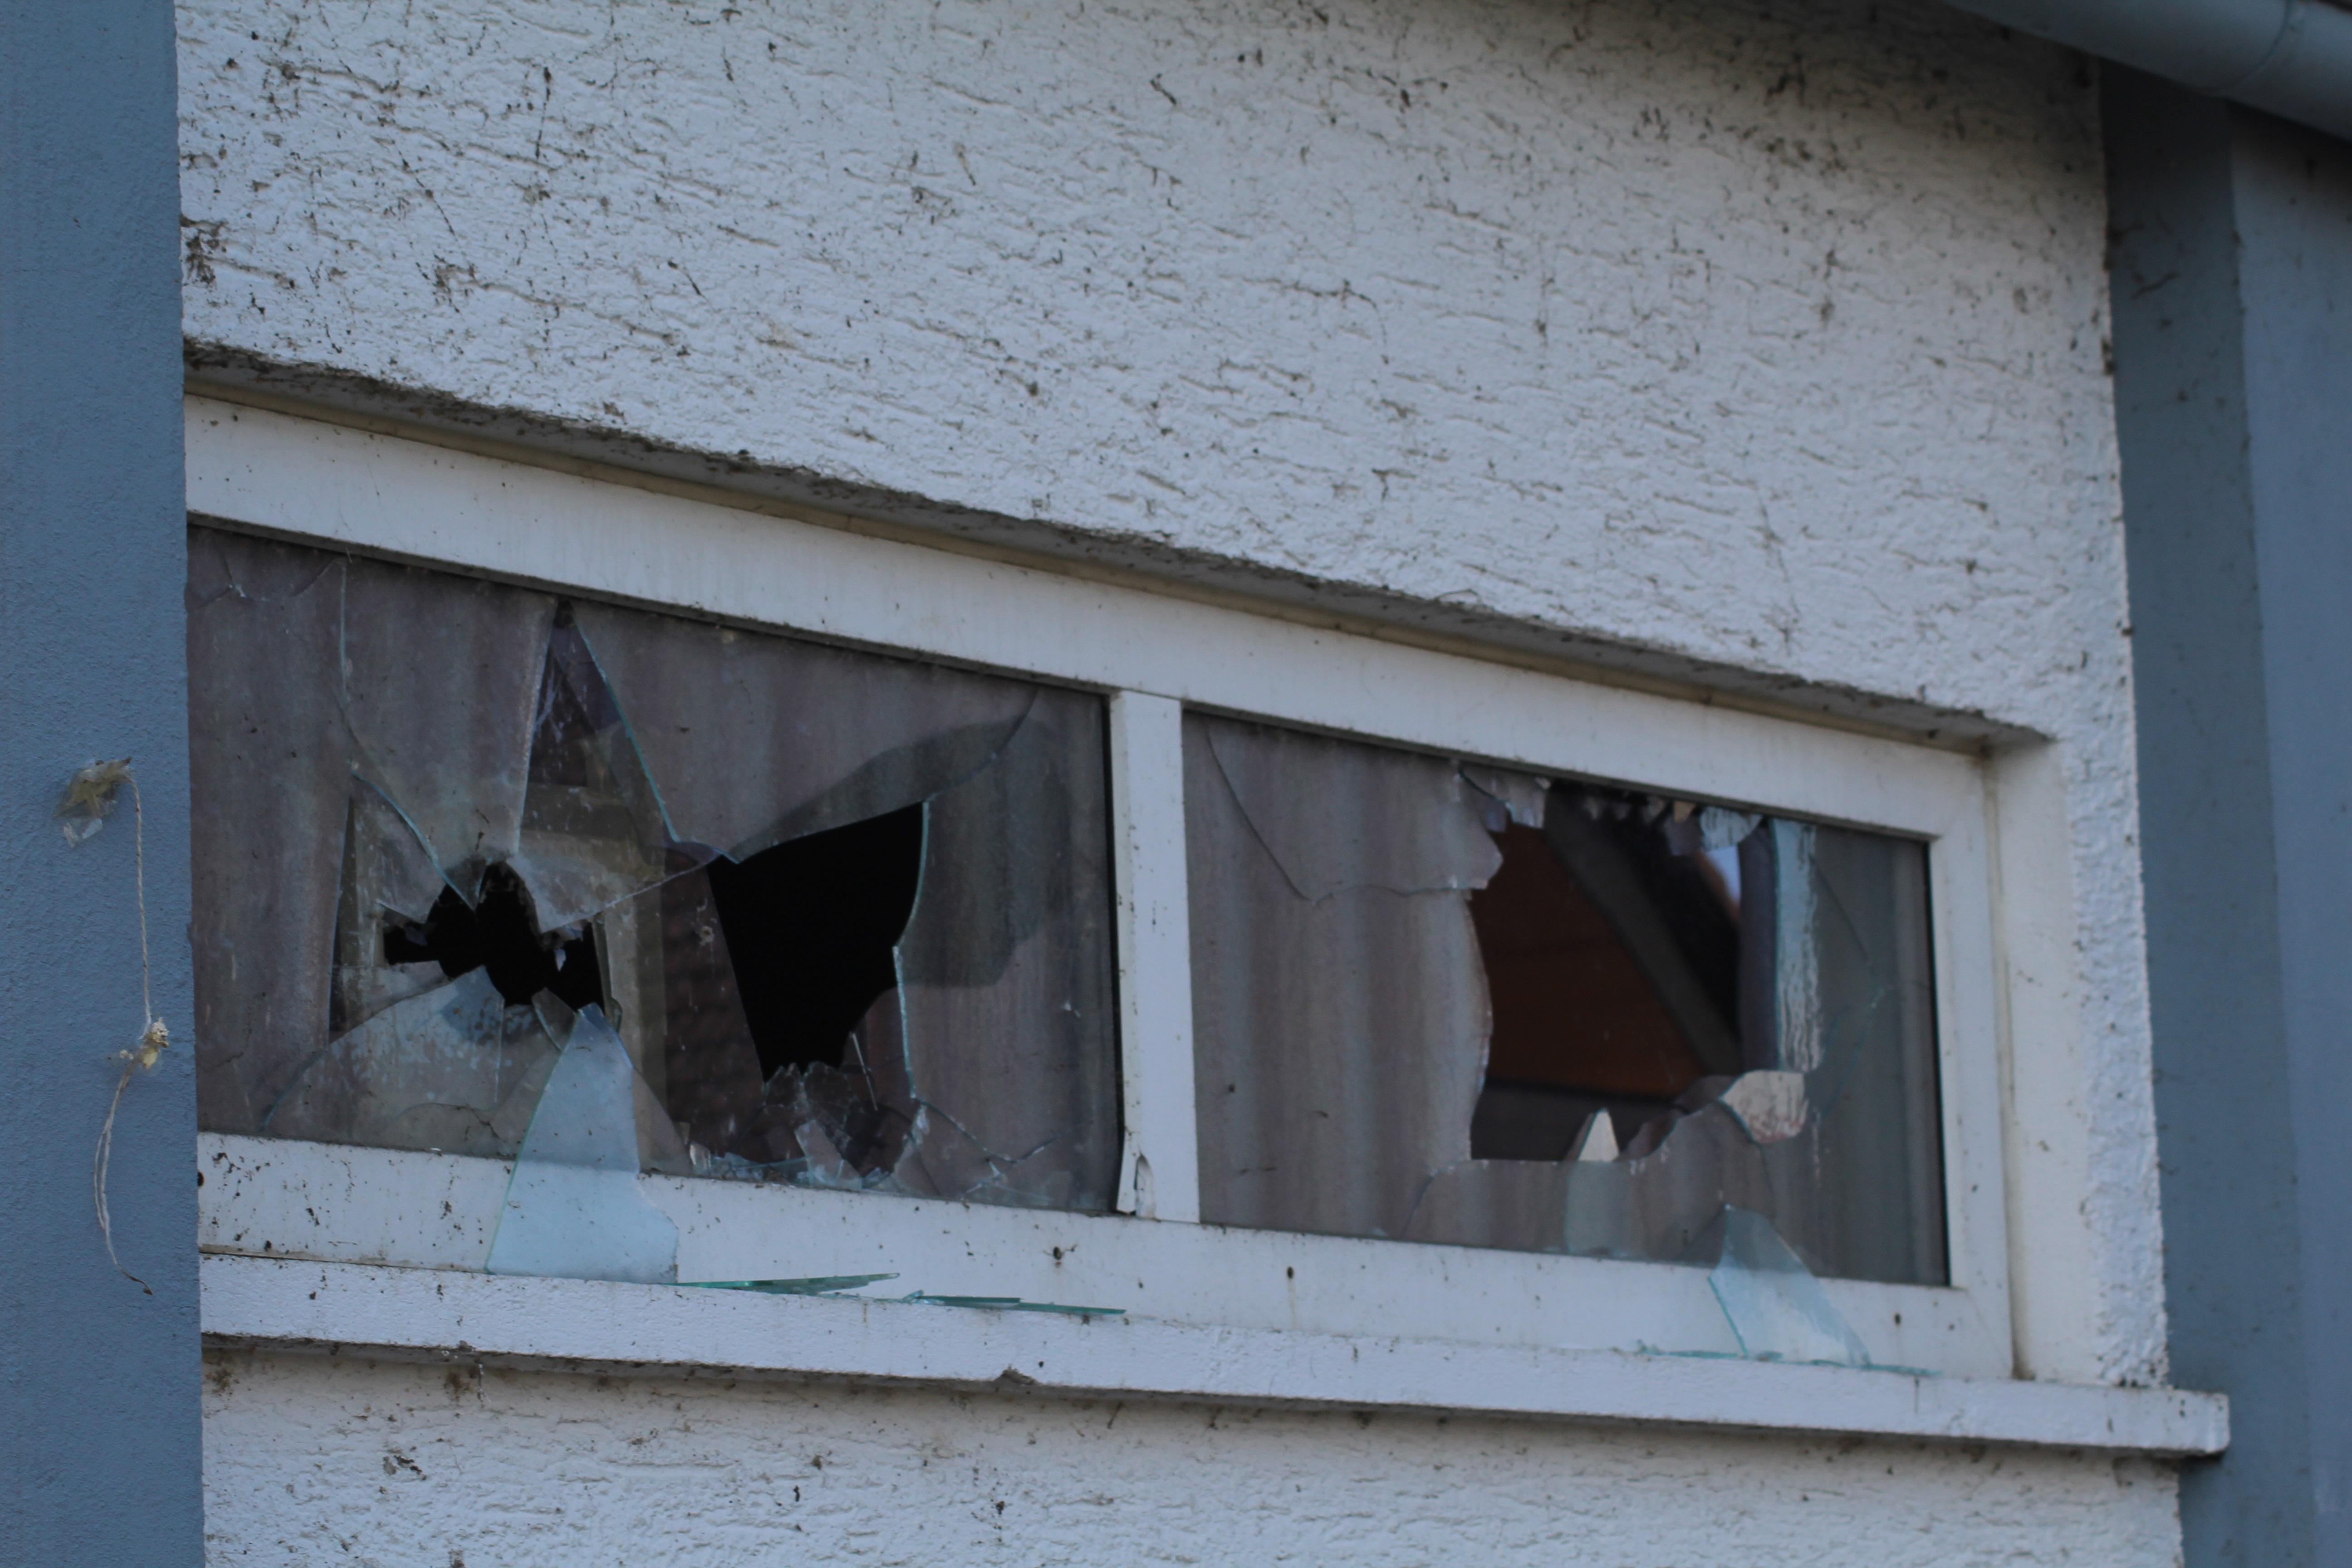 Florstadt: Anschläge auf Flüchtlingsunterkunft und Gebetsraum – Die Folgen der Hetze